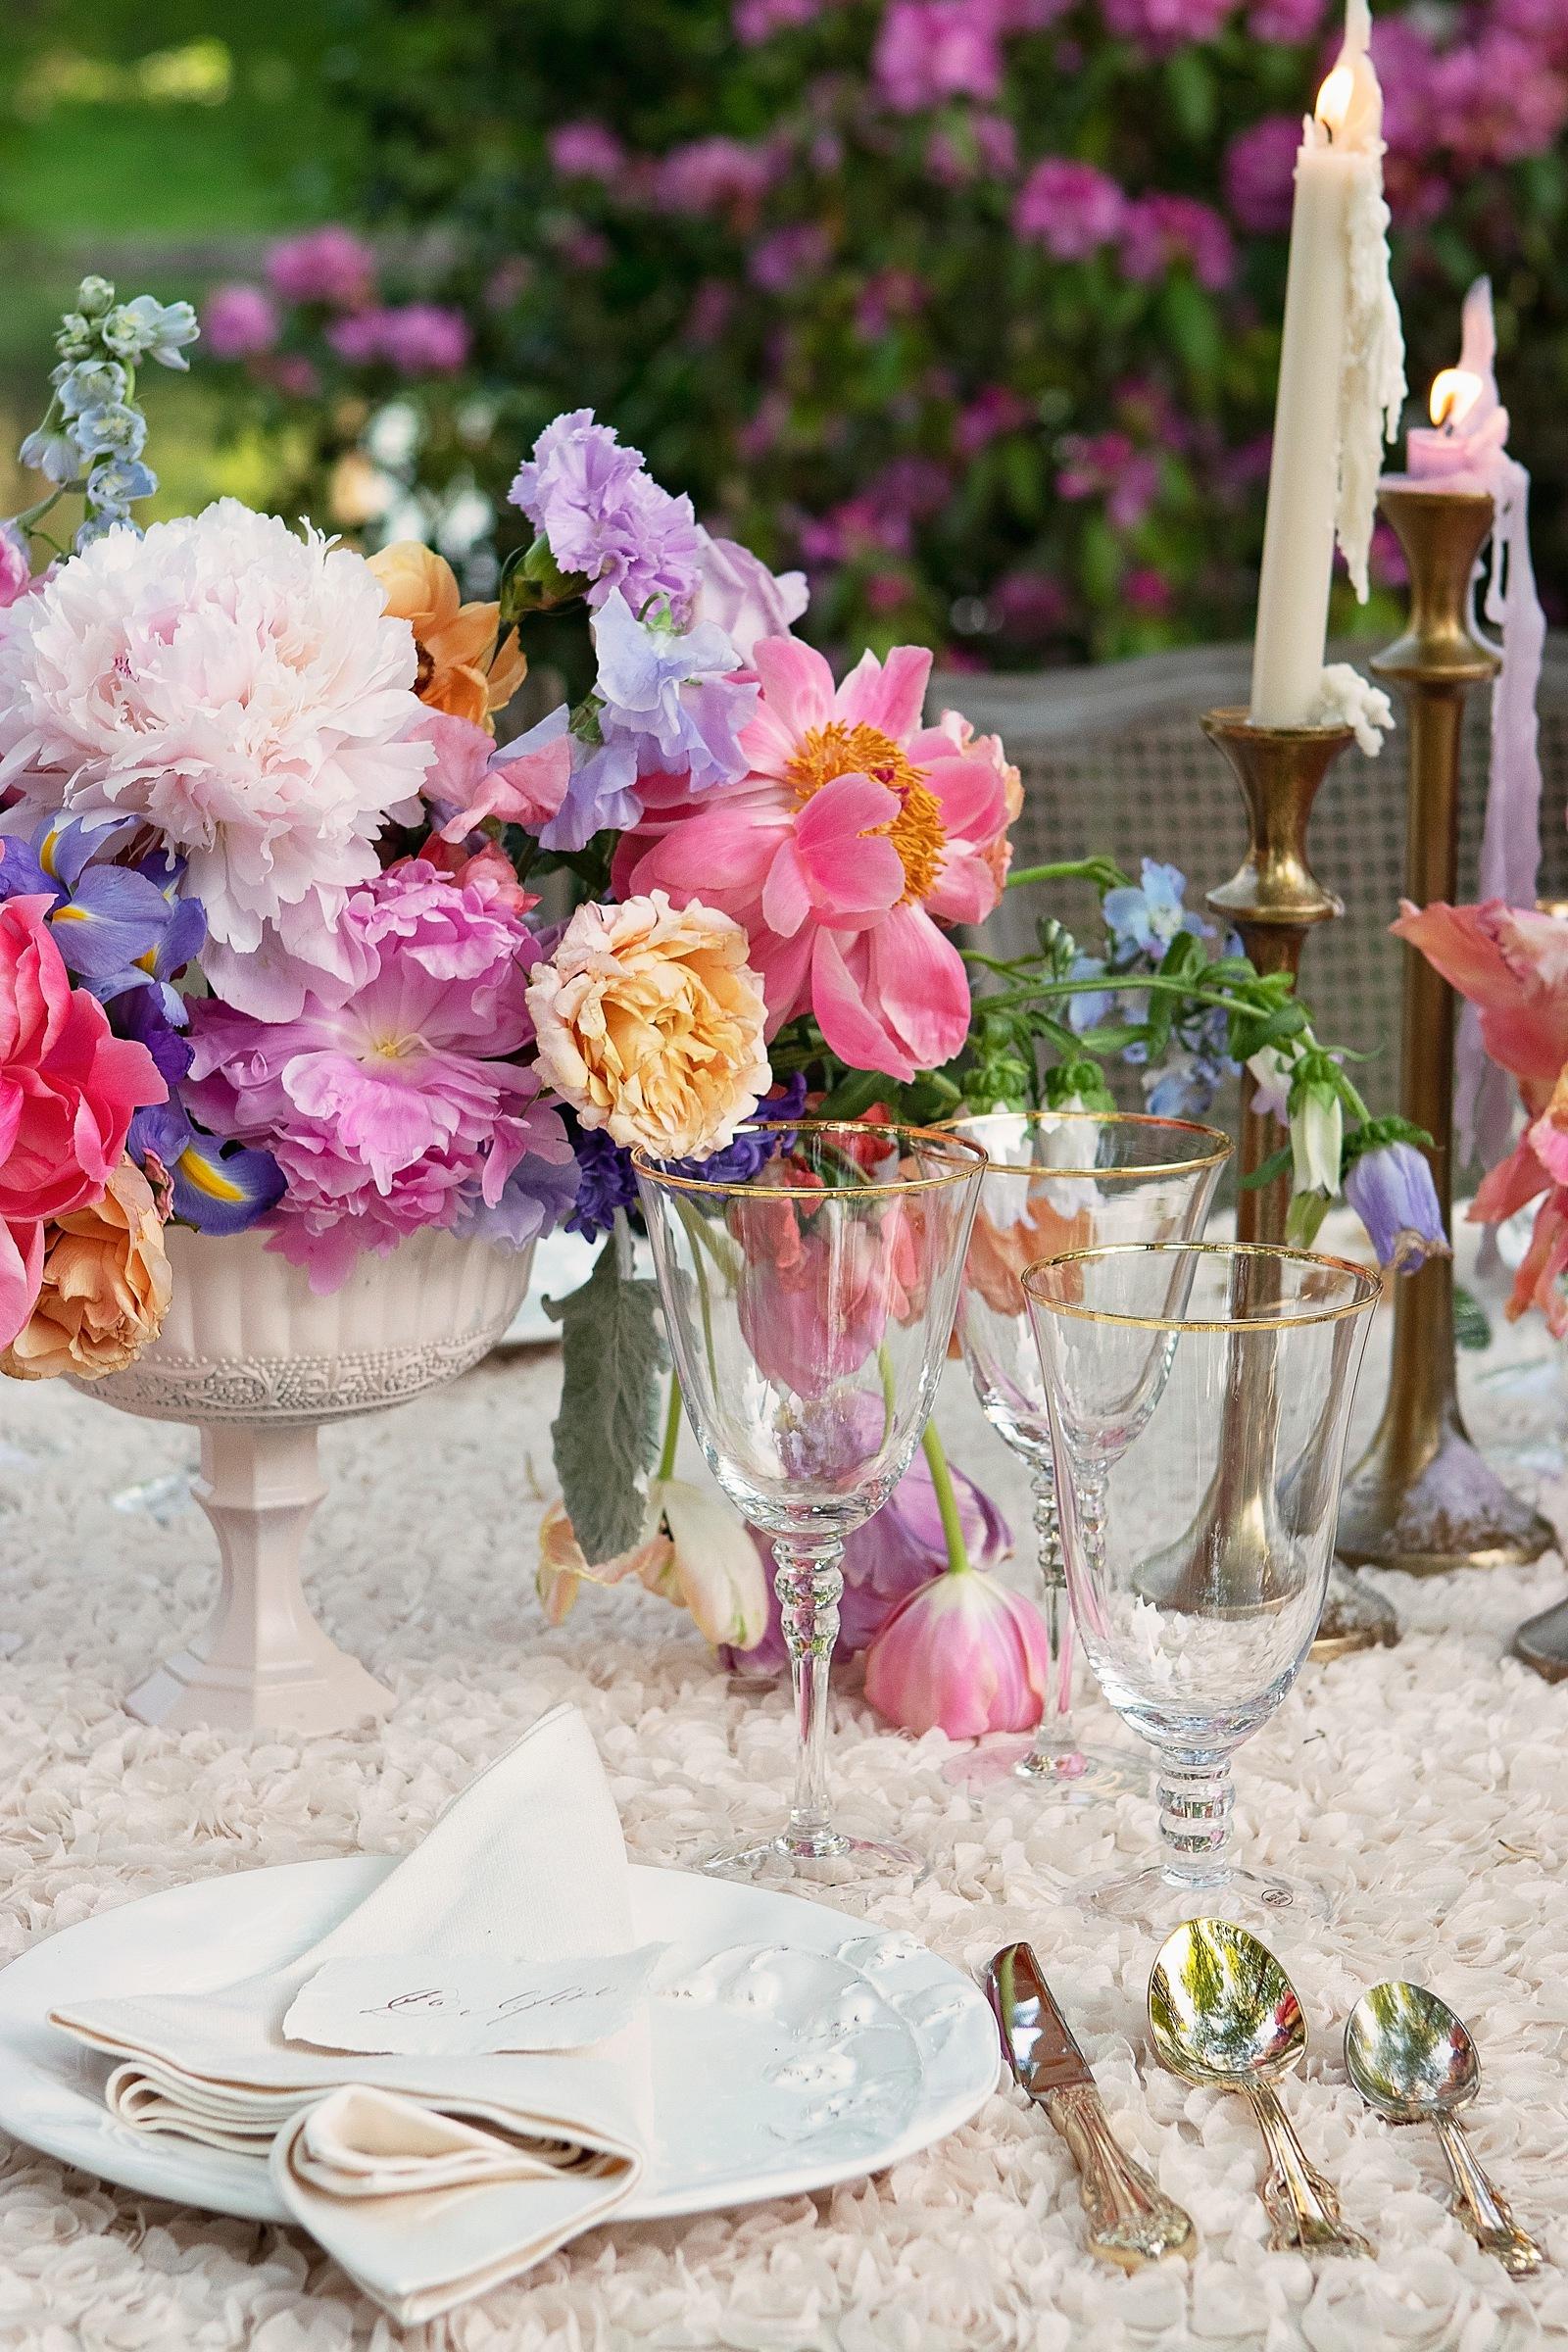 Watercolor wedding decor